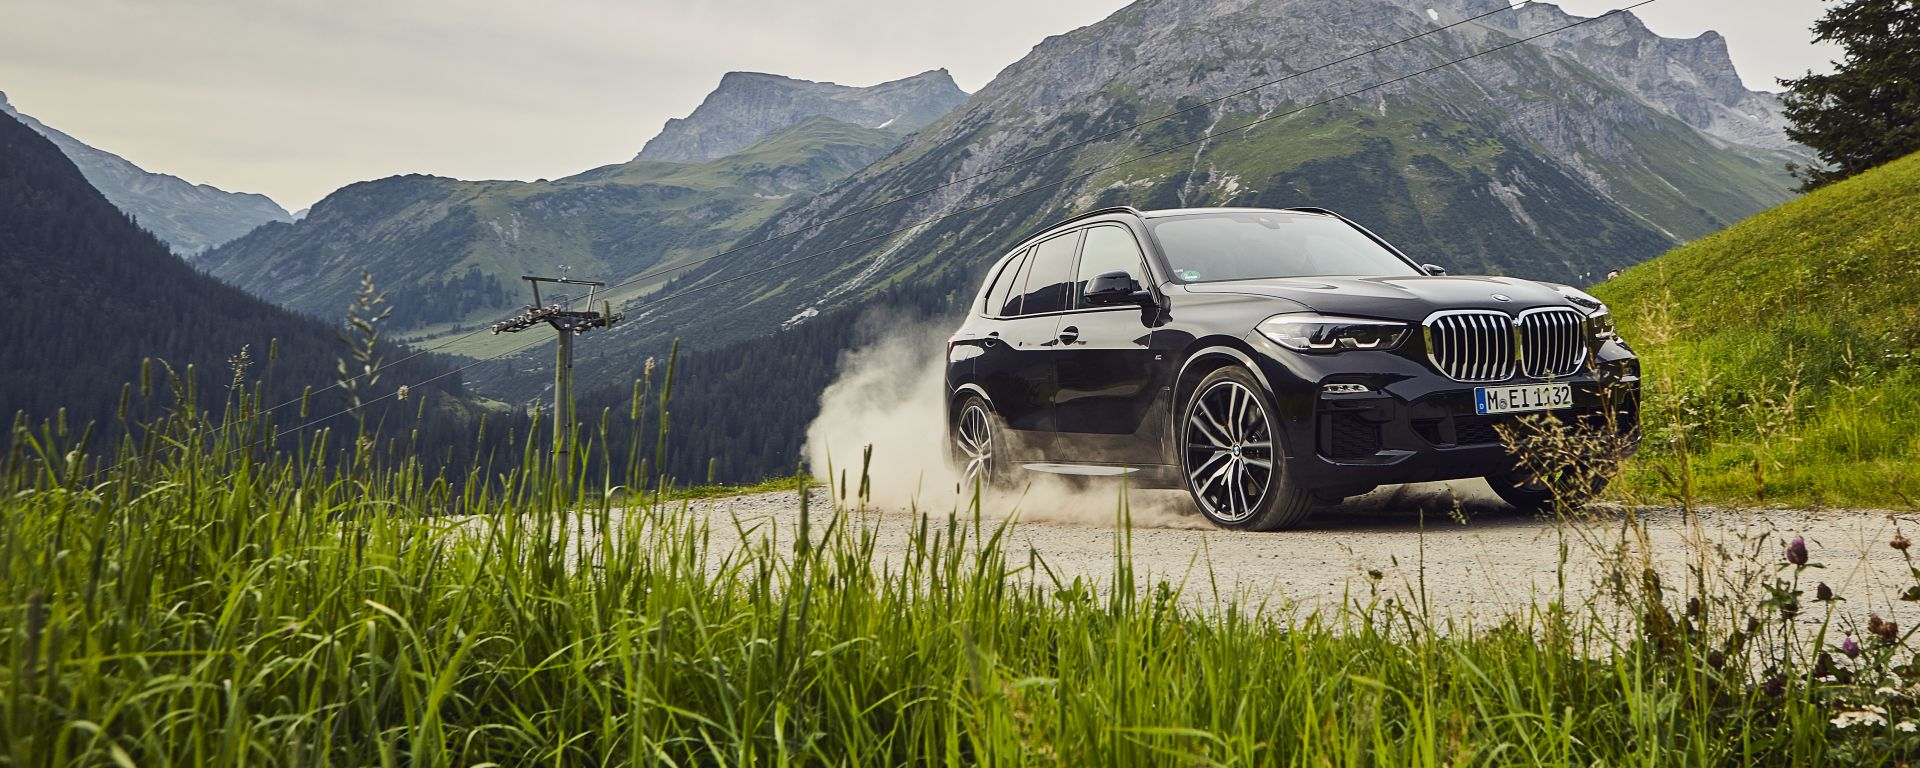 BMW X5 XDrive45e: vista 3/4 anteriore